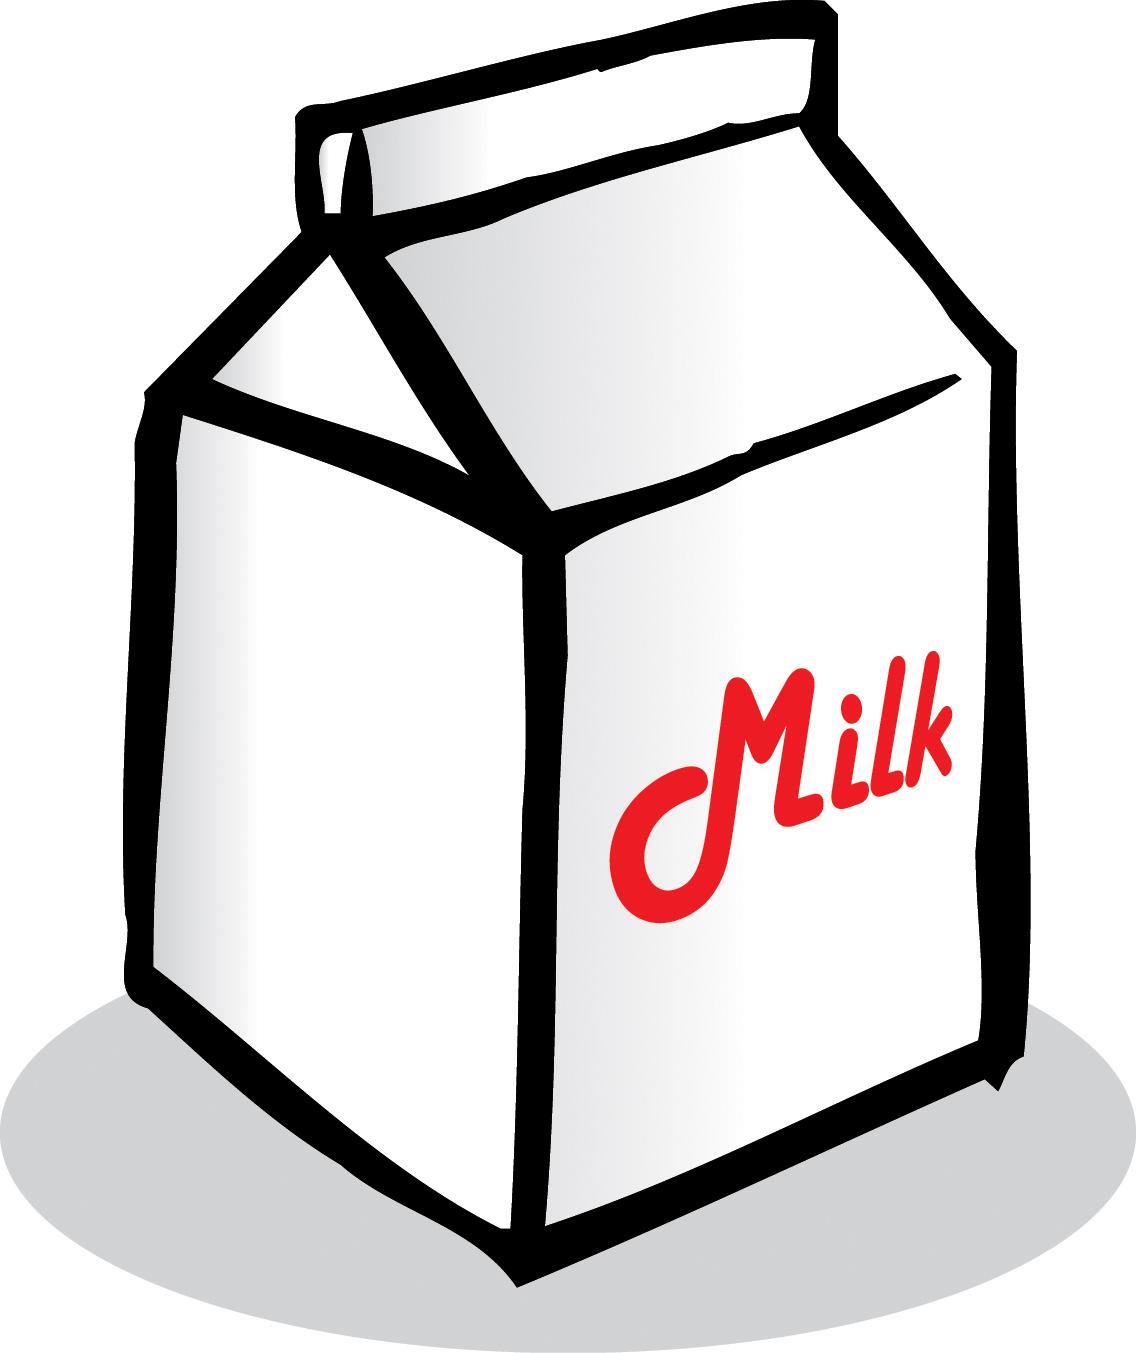 Milk Carton clipart #5